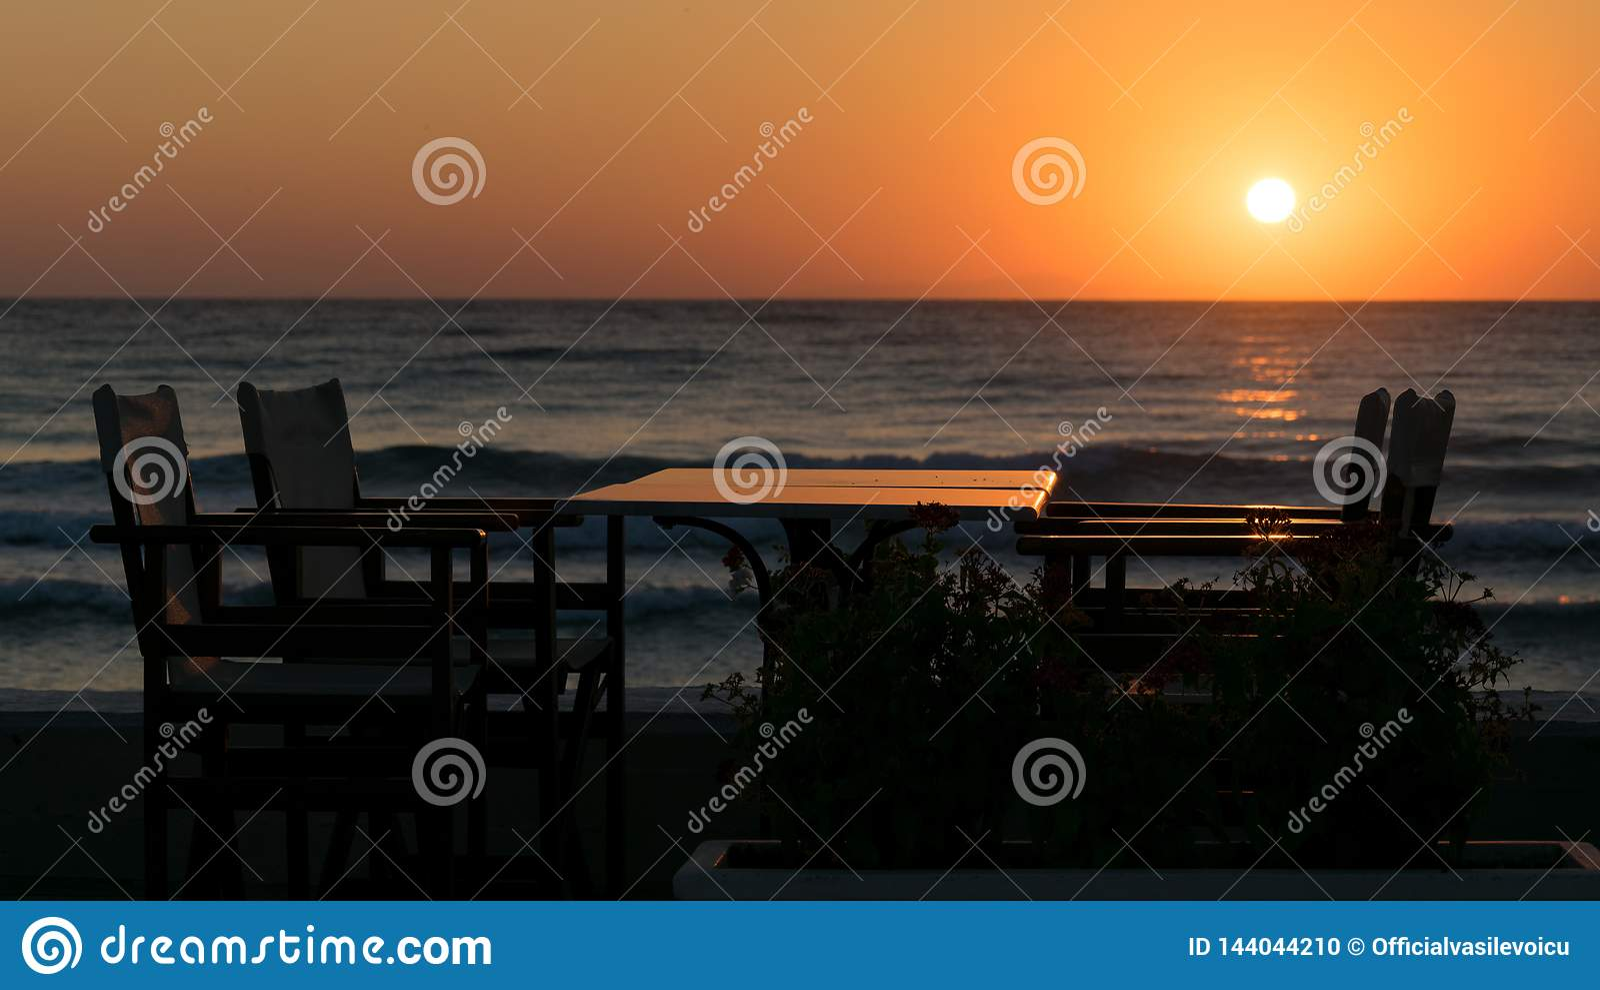 Ηλιοθεραπεία στην παραλία με να καθίσει και να δειπνήσει την επιτραπέζια σκιαγραφία για το πρόγευμα και τη θάλασσα με τα κύματα